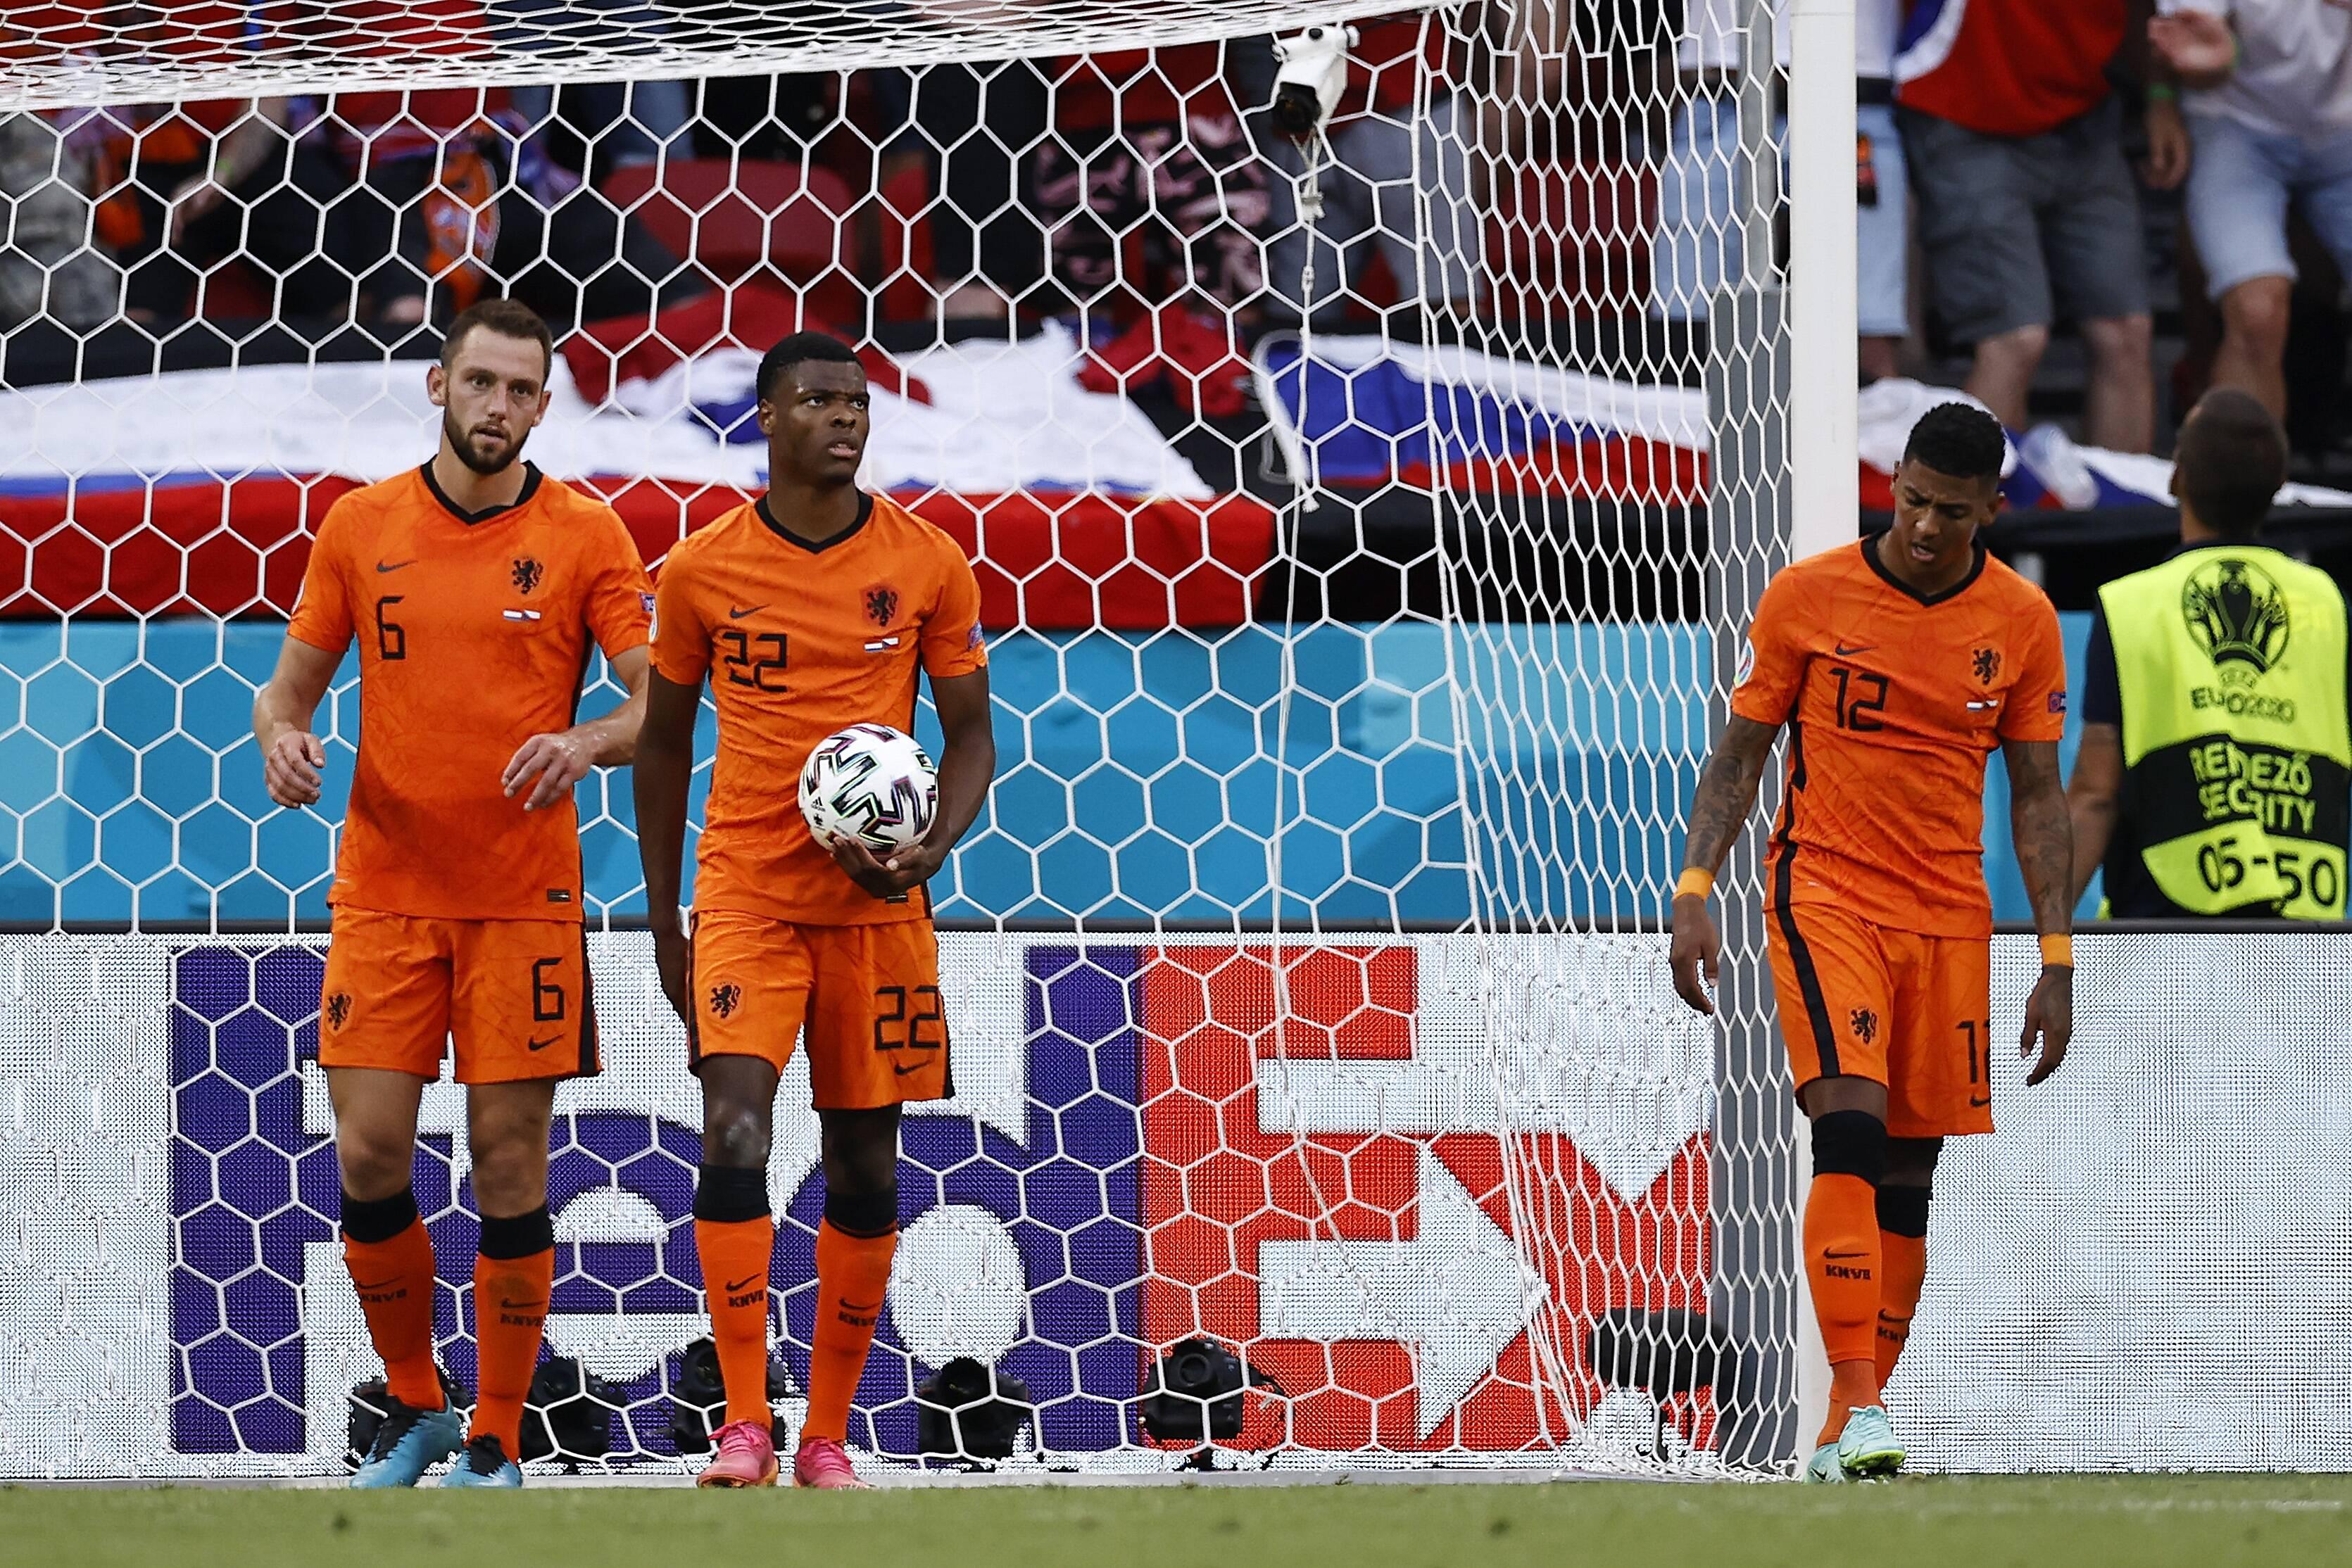 Riesen-Überraschung bei der Fußball-EM 2021: Die Niederlande scheitern an Tschechien.